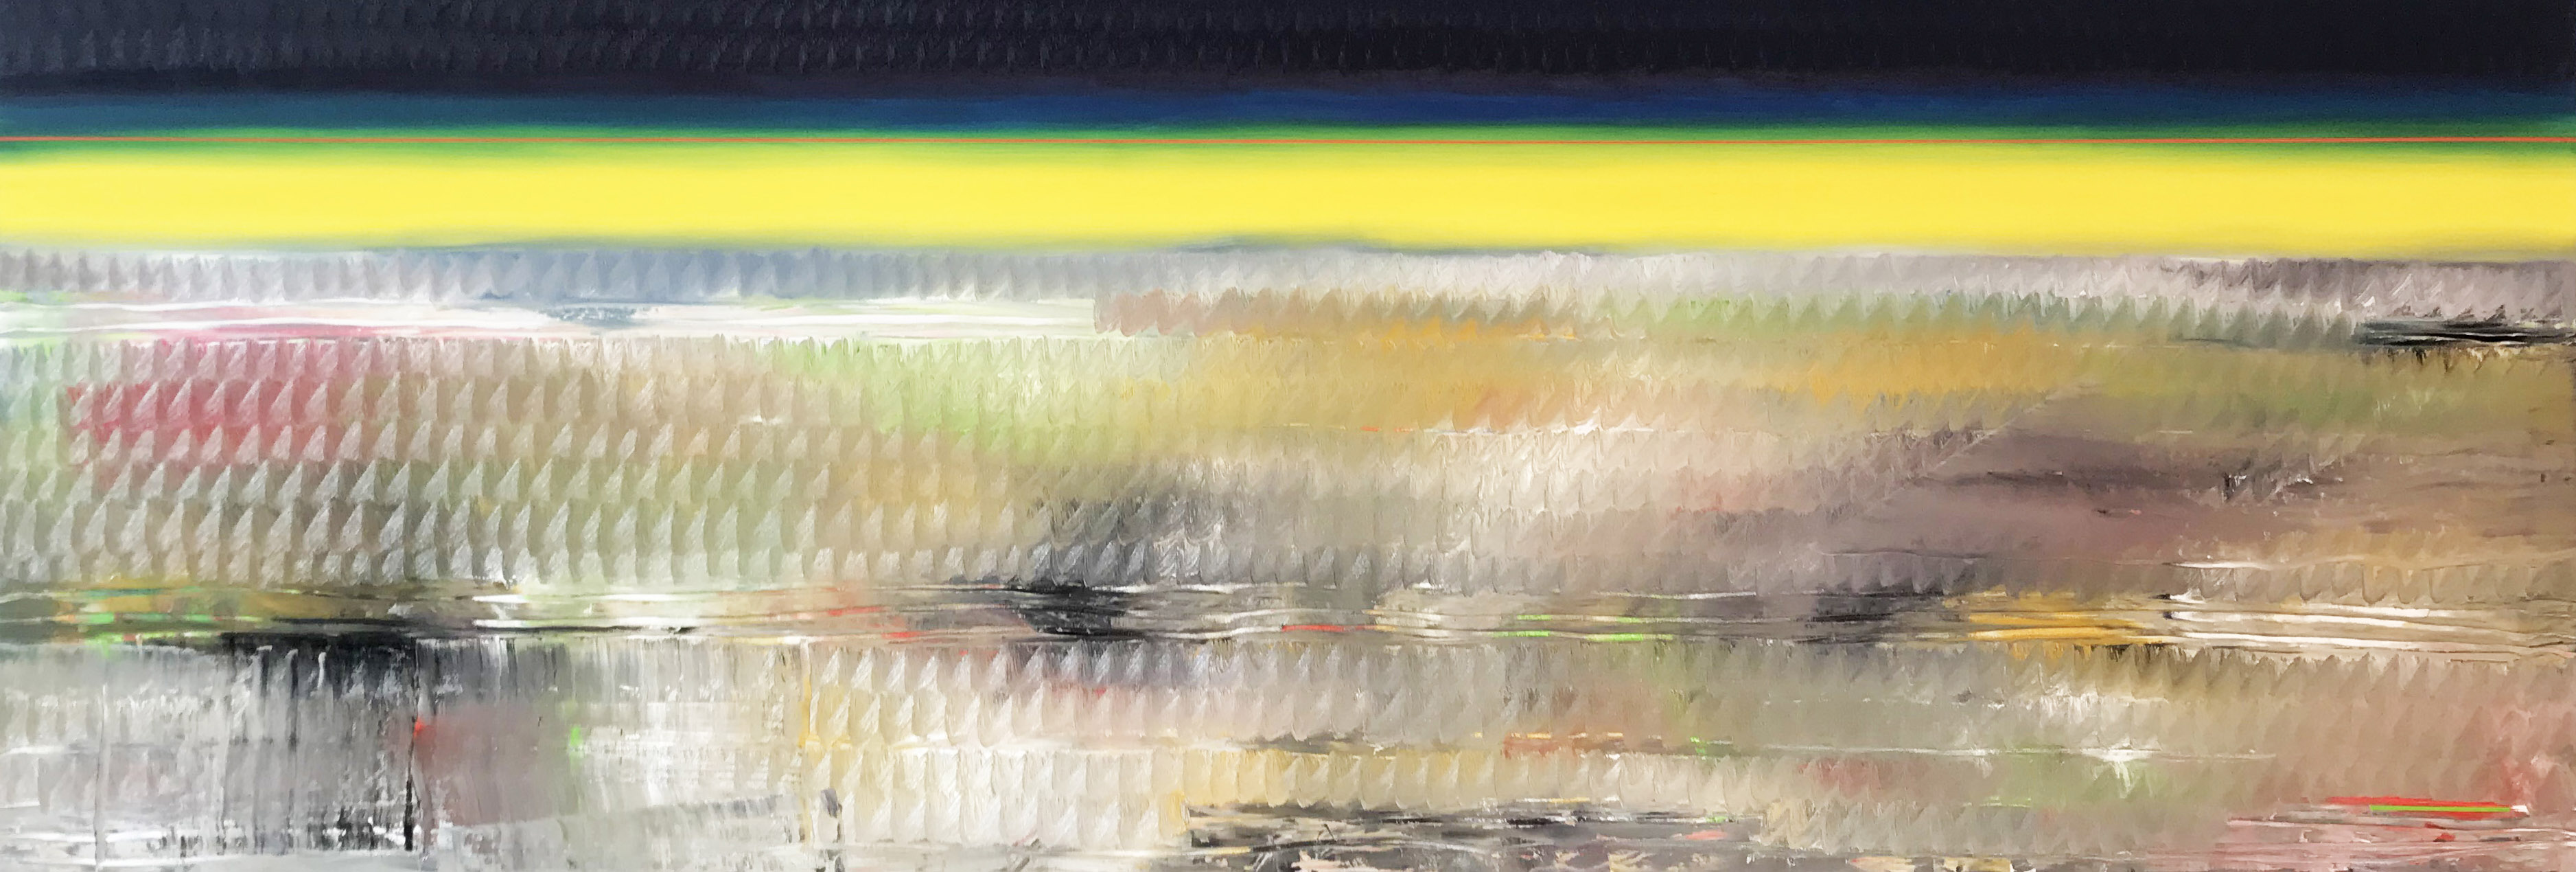 Winterscape (100x200cm) 2018 - miquel gelabert